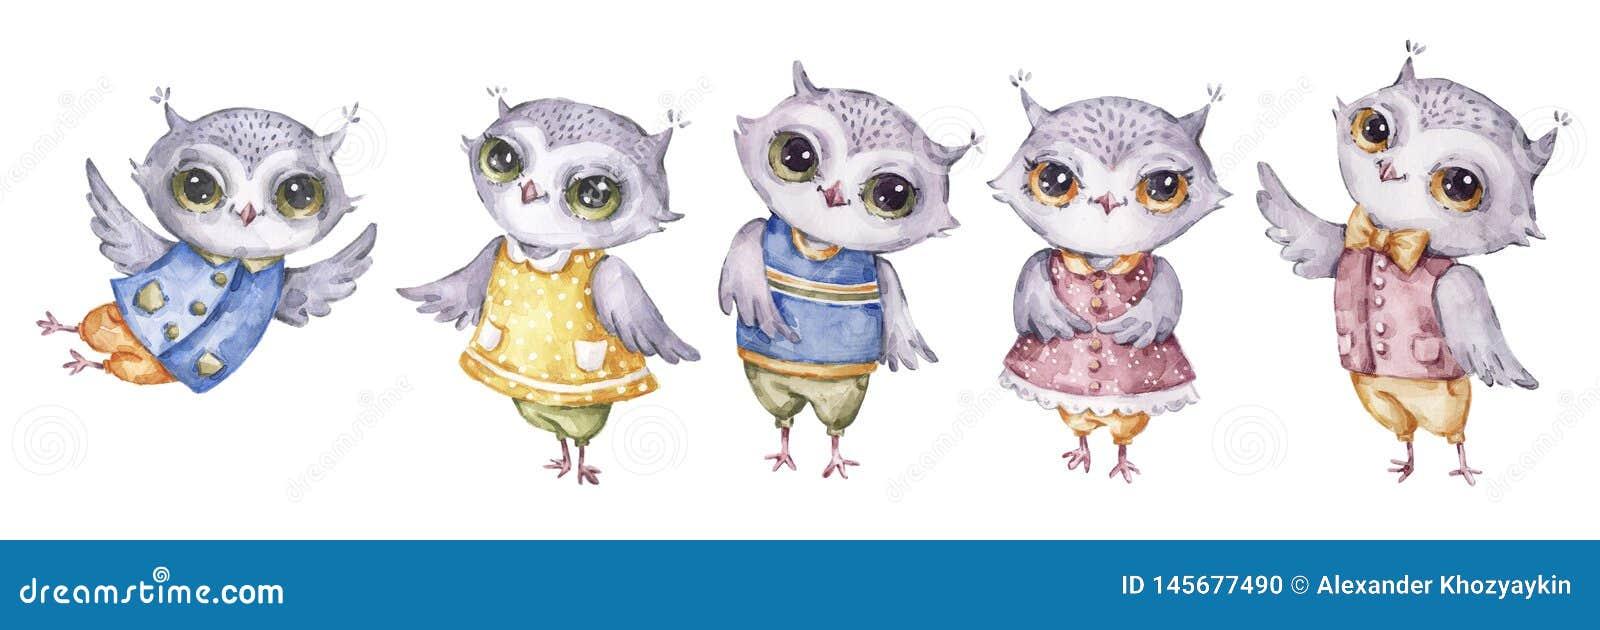 四头逗人喜爱的水彩画猫头鹰,在幼稚样式的集合